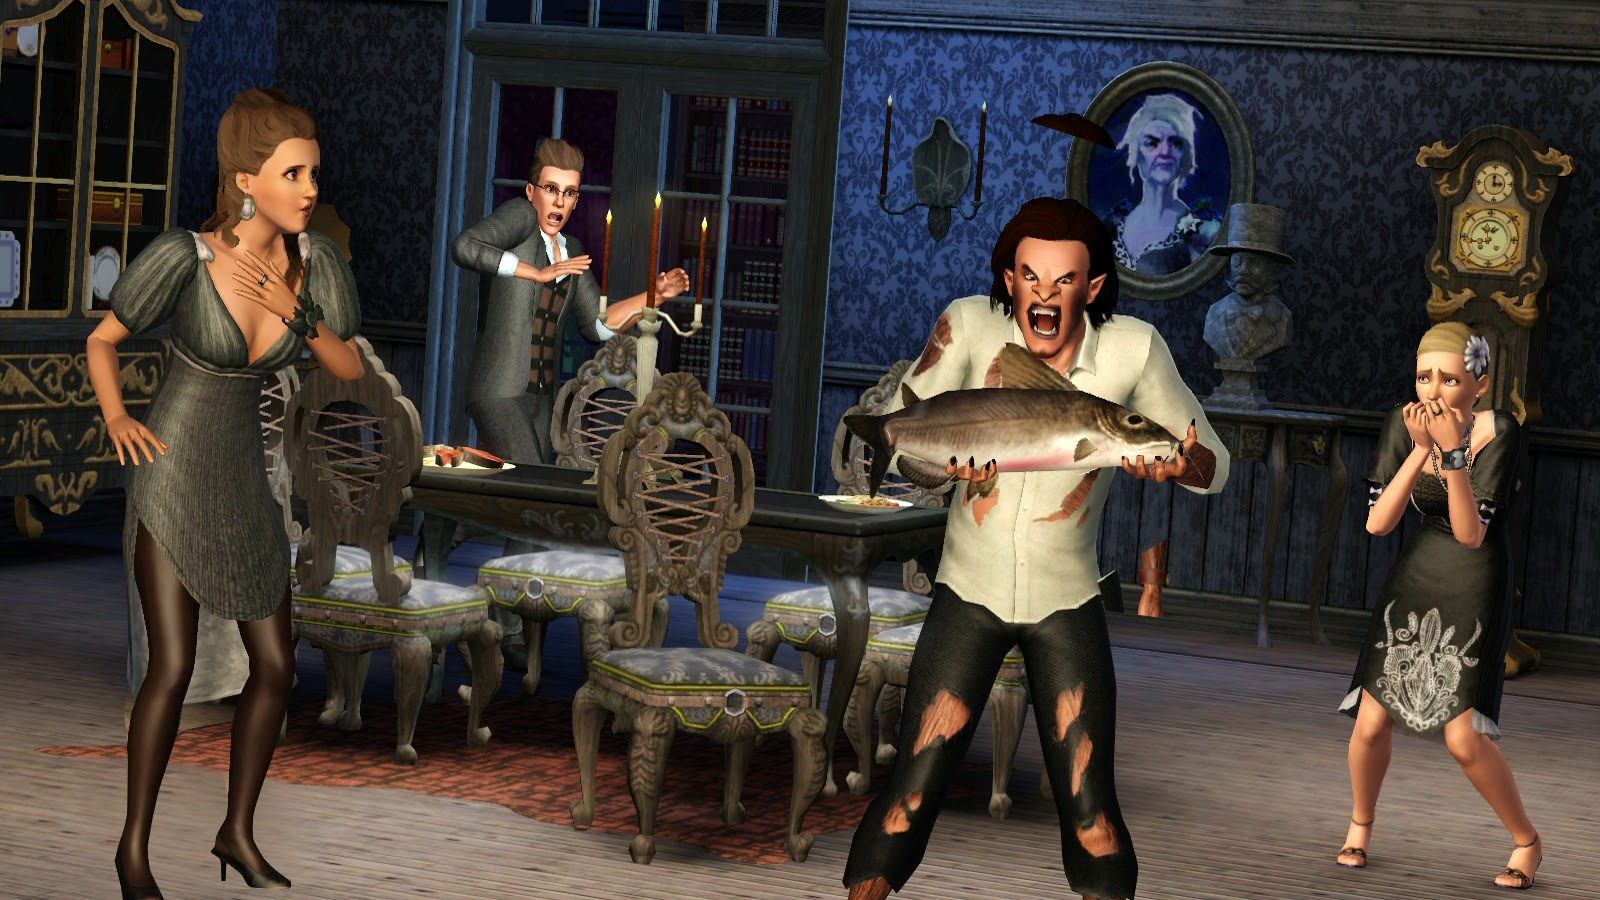 The Sims 3 - Creepypasta